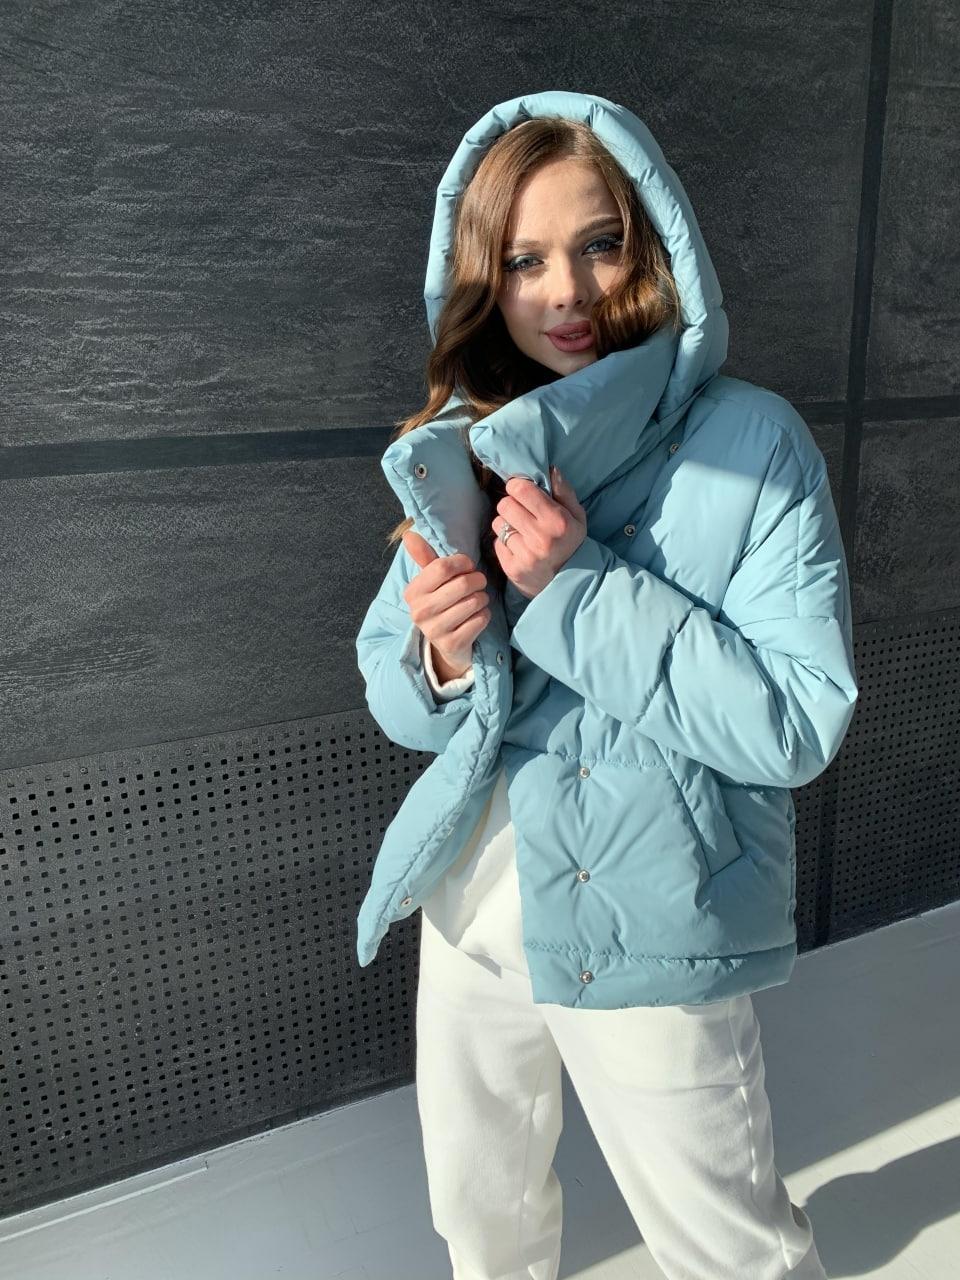 Уно short куртка из плащевой ткани Ammy 10927 АРТ. 47401 Цвет: Олива - фото 11, интернет магазин tm-modus.ru